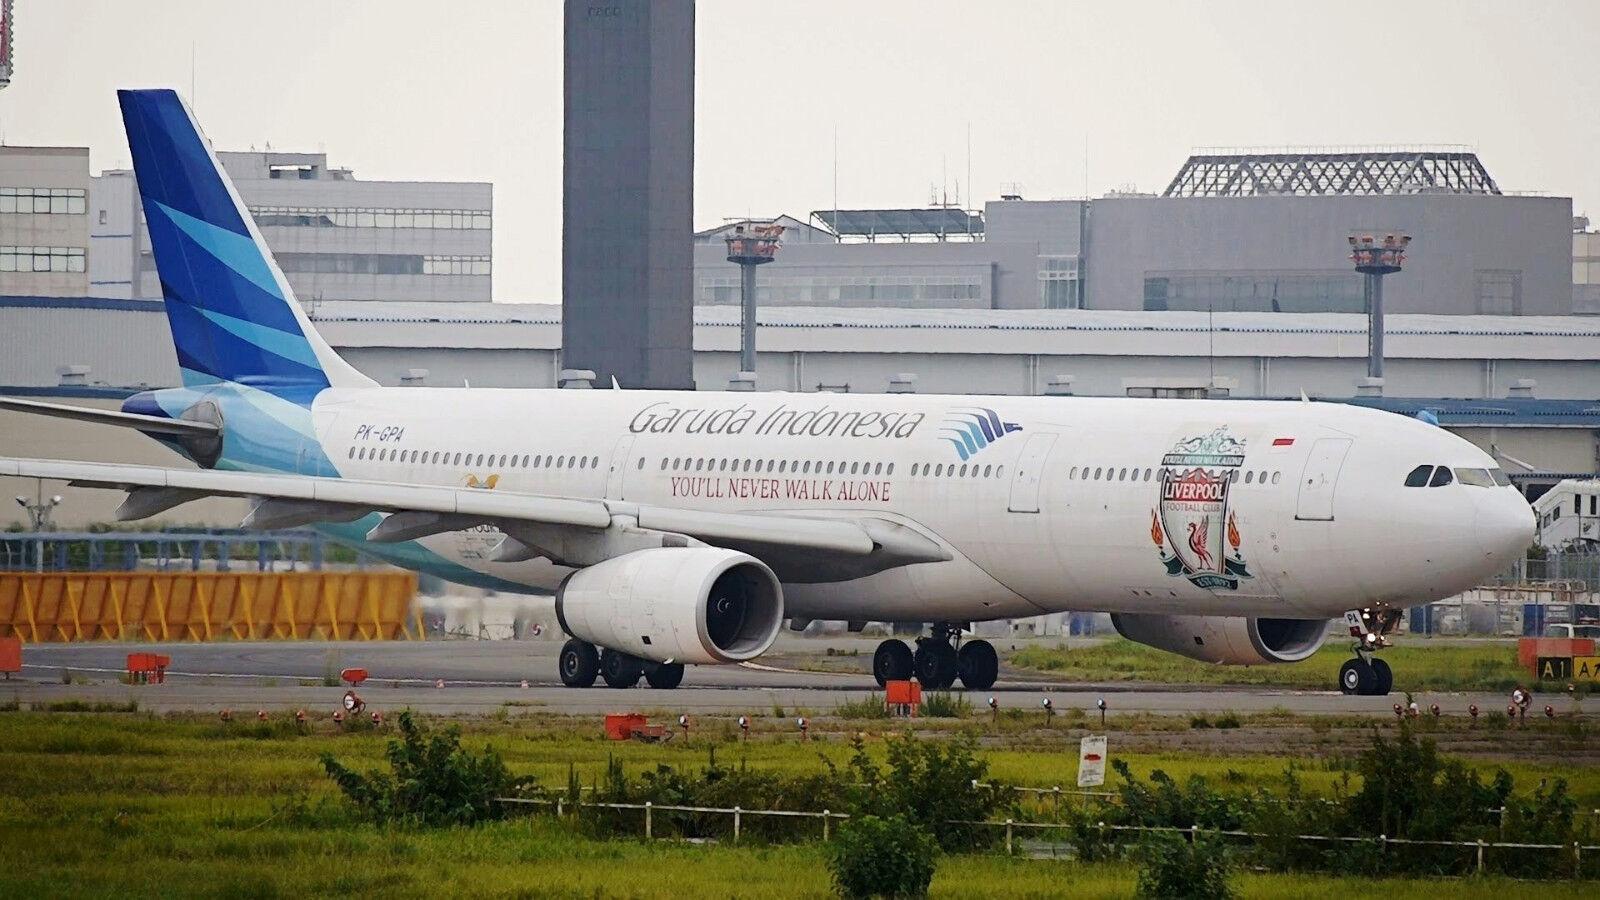 Jfox Jfa330013 1 200 Garuda Indonésie A330-341 2013 Lcf Tour Pk-Gpa